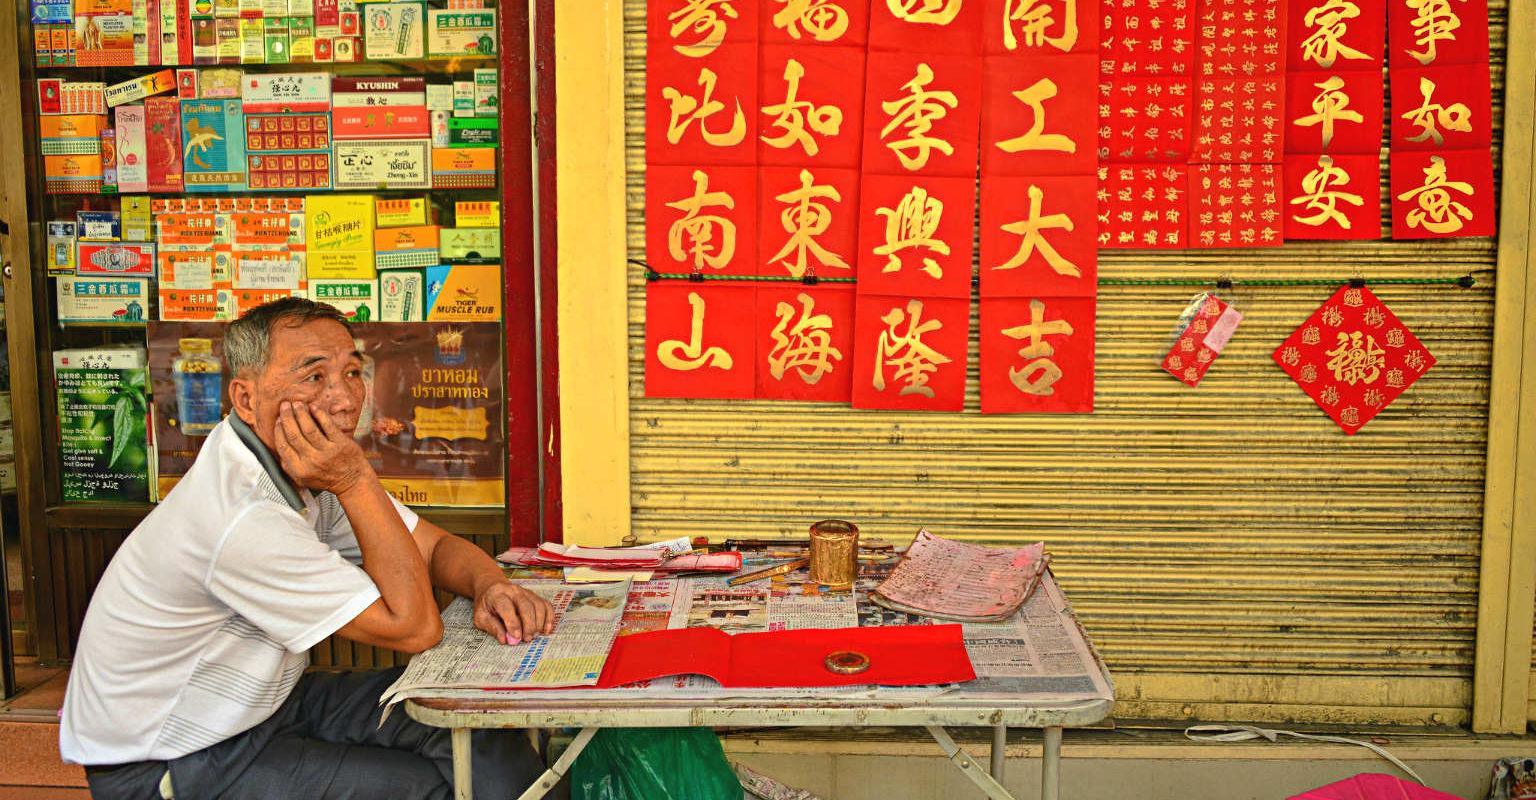 Chinatown/ Yaowarat Road, Chinese man zit aan tafeltje met een krant voor een apotheek shop.